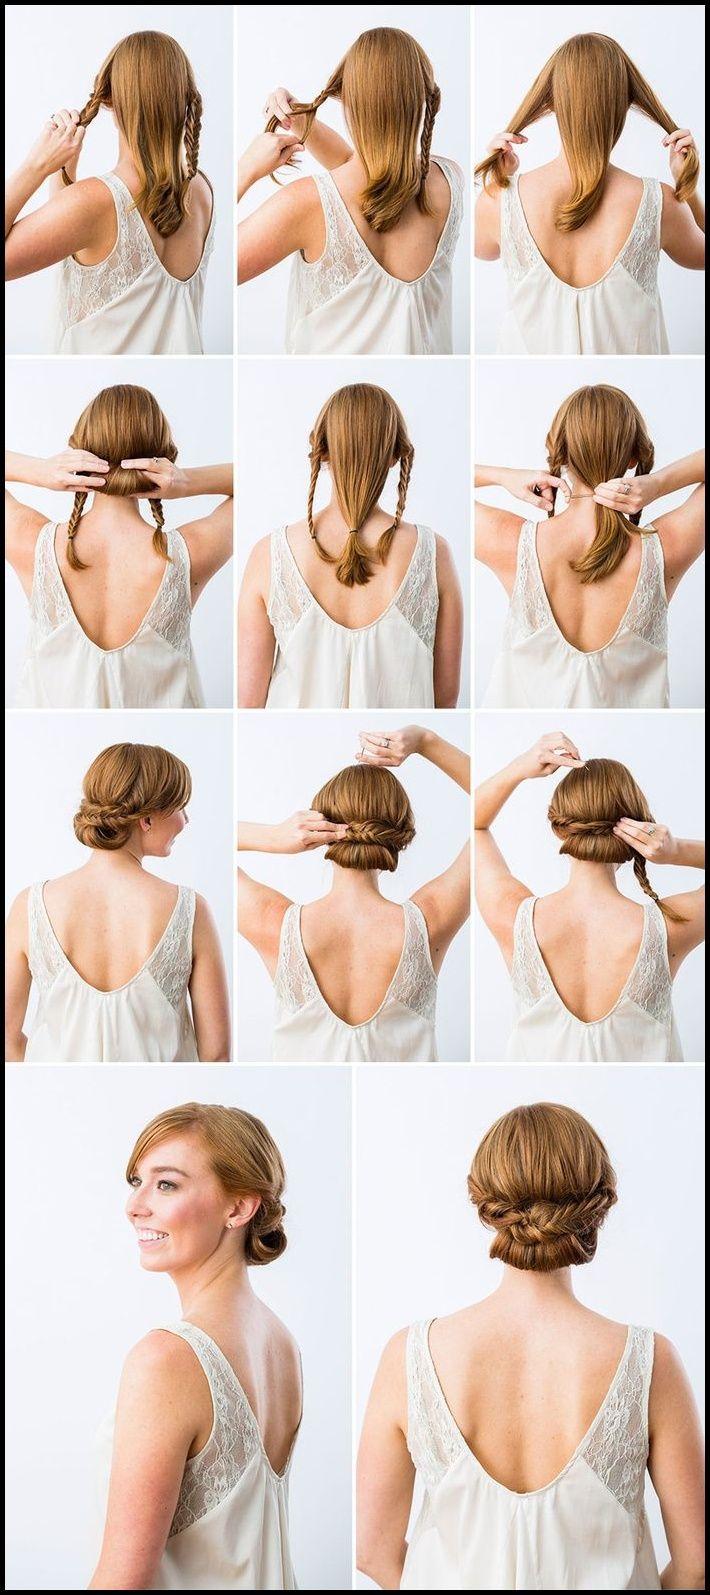 ▷ 90 + Ideen für Brautjungfern Frisuren zur Inspiration und … | #damenfrisuren2018 #frisuren #trendfrisuren #neuefrisuren #haarschnitte #damenfrisuren #frauen #winterfrisuren #beliebtefrisuren2019   – Einfache Frisuren